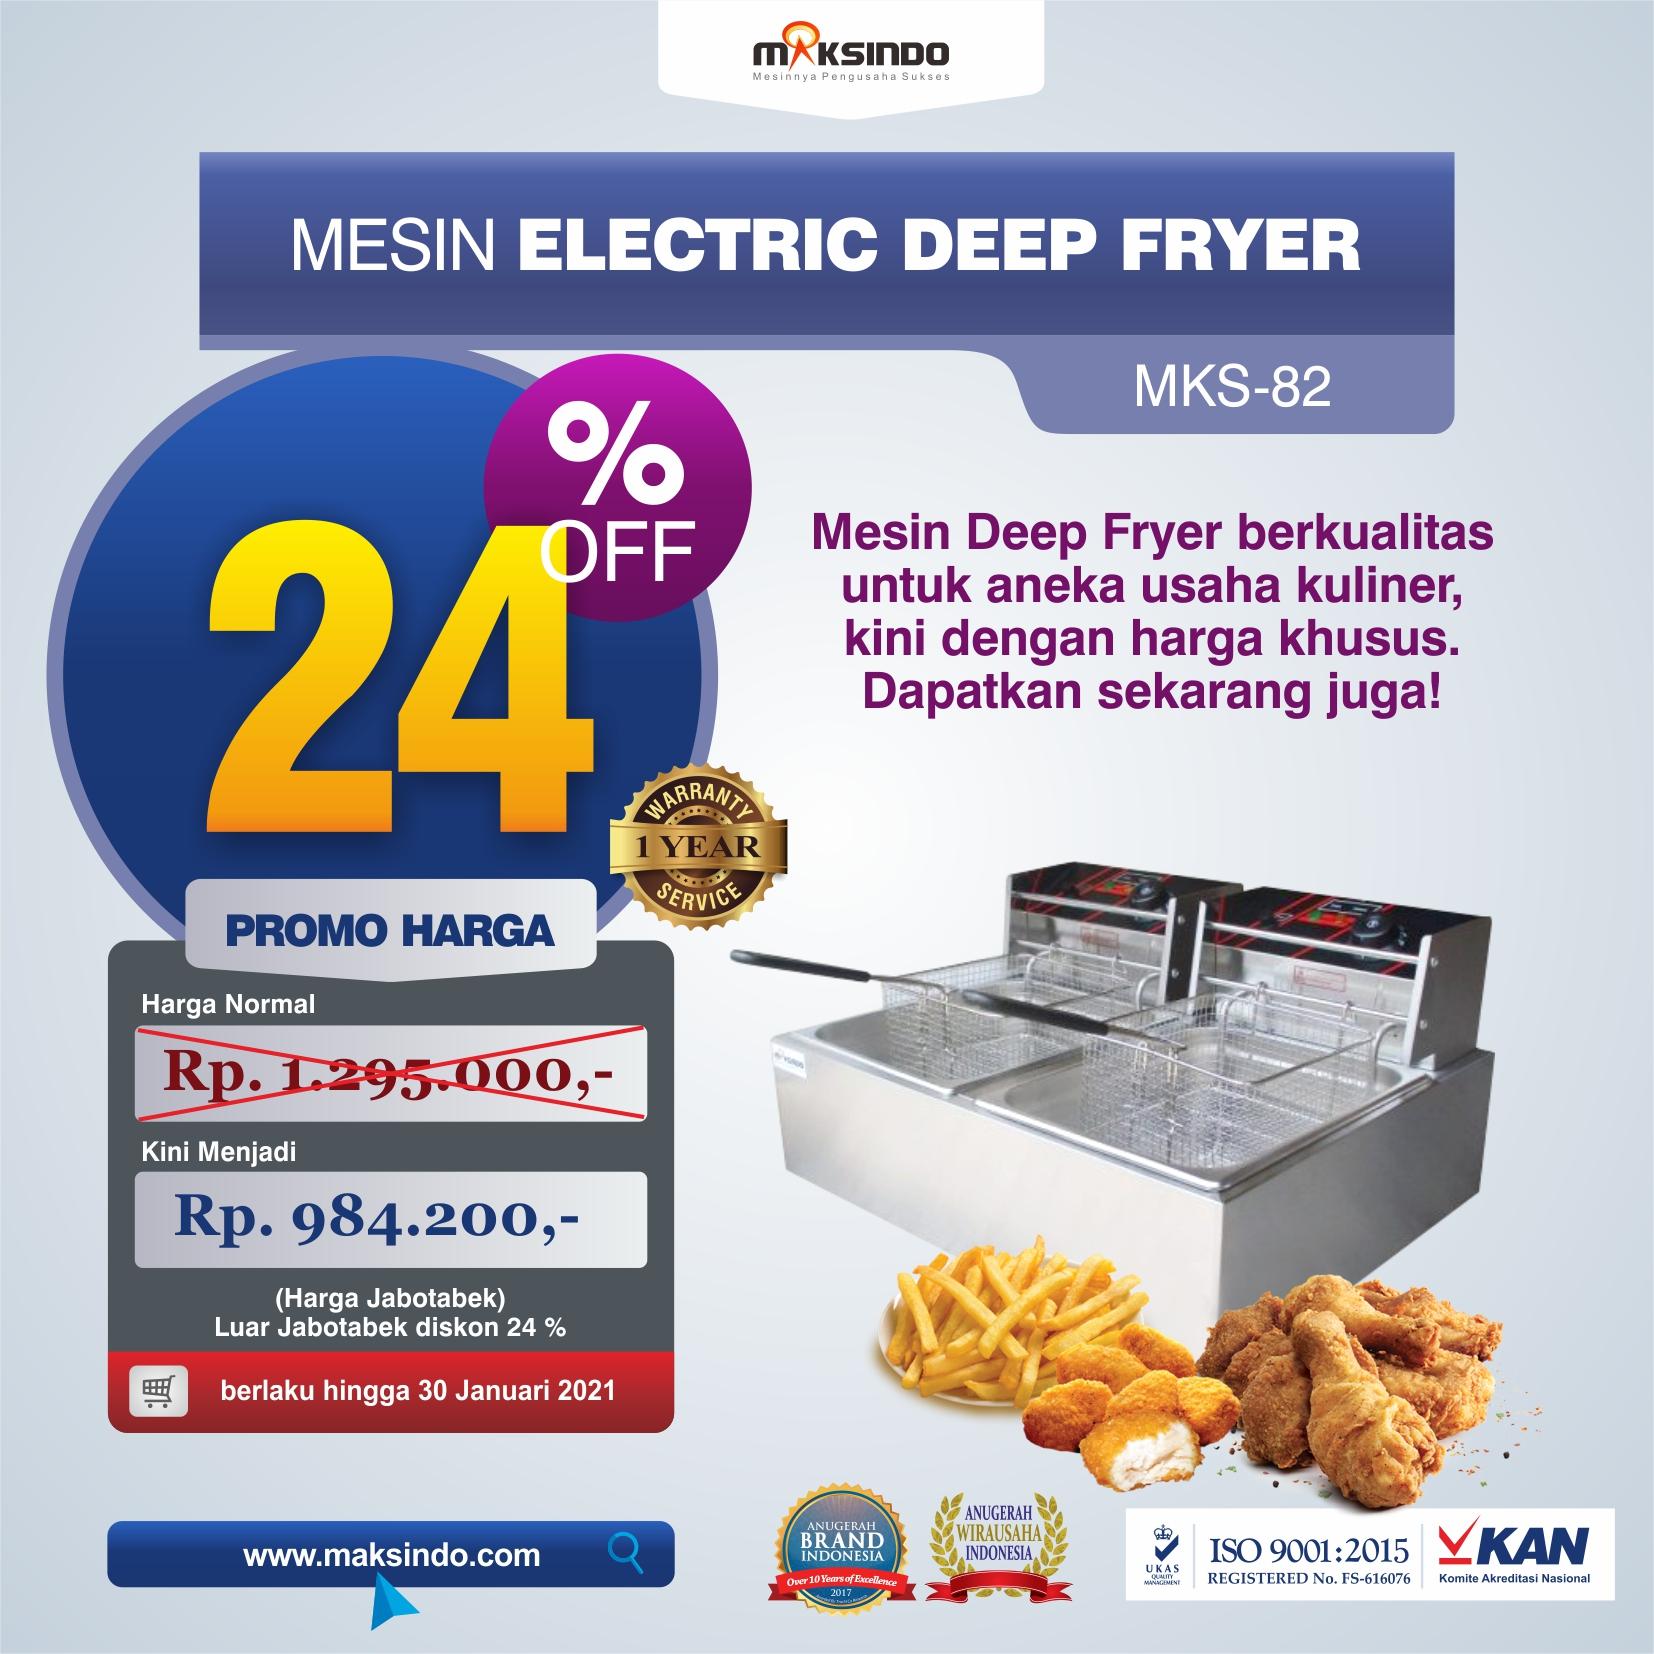 Jual Mesin Electric Deep Fryer MKS-82 di Yogyakarta